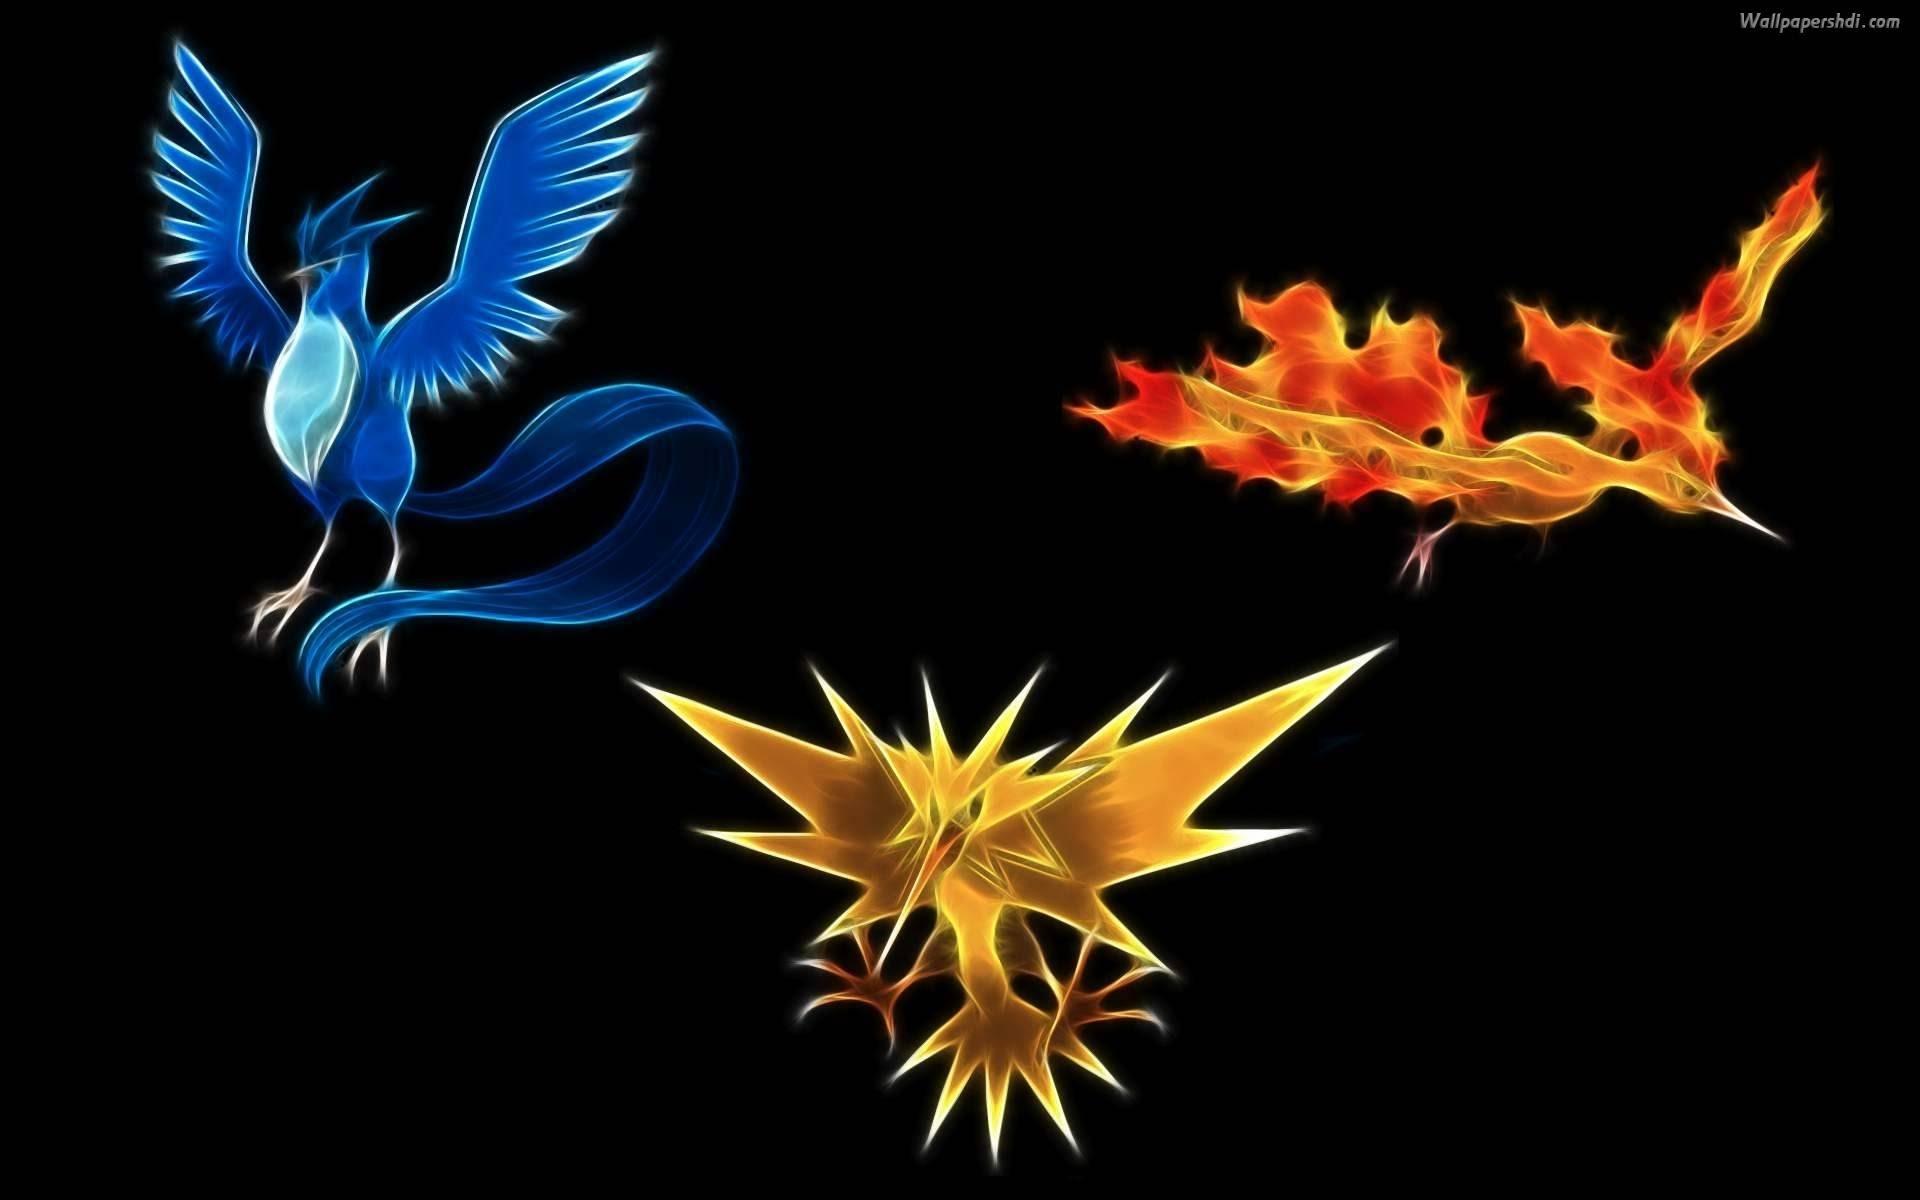 three legendary birds pokemon legends roblox (articuno,zapdos